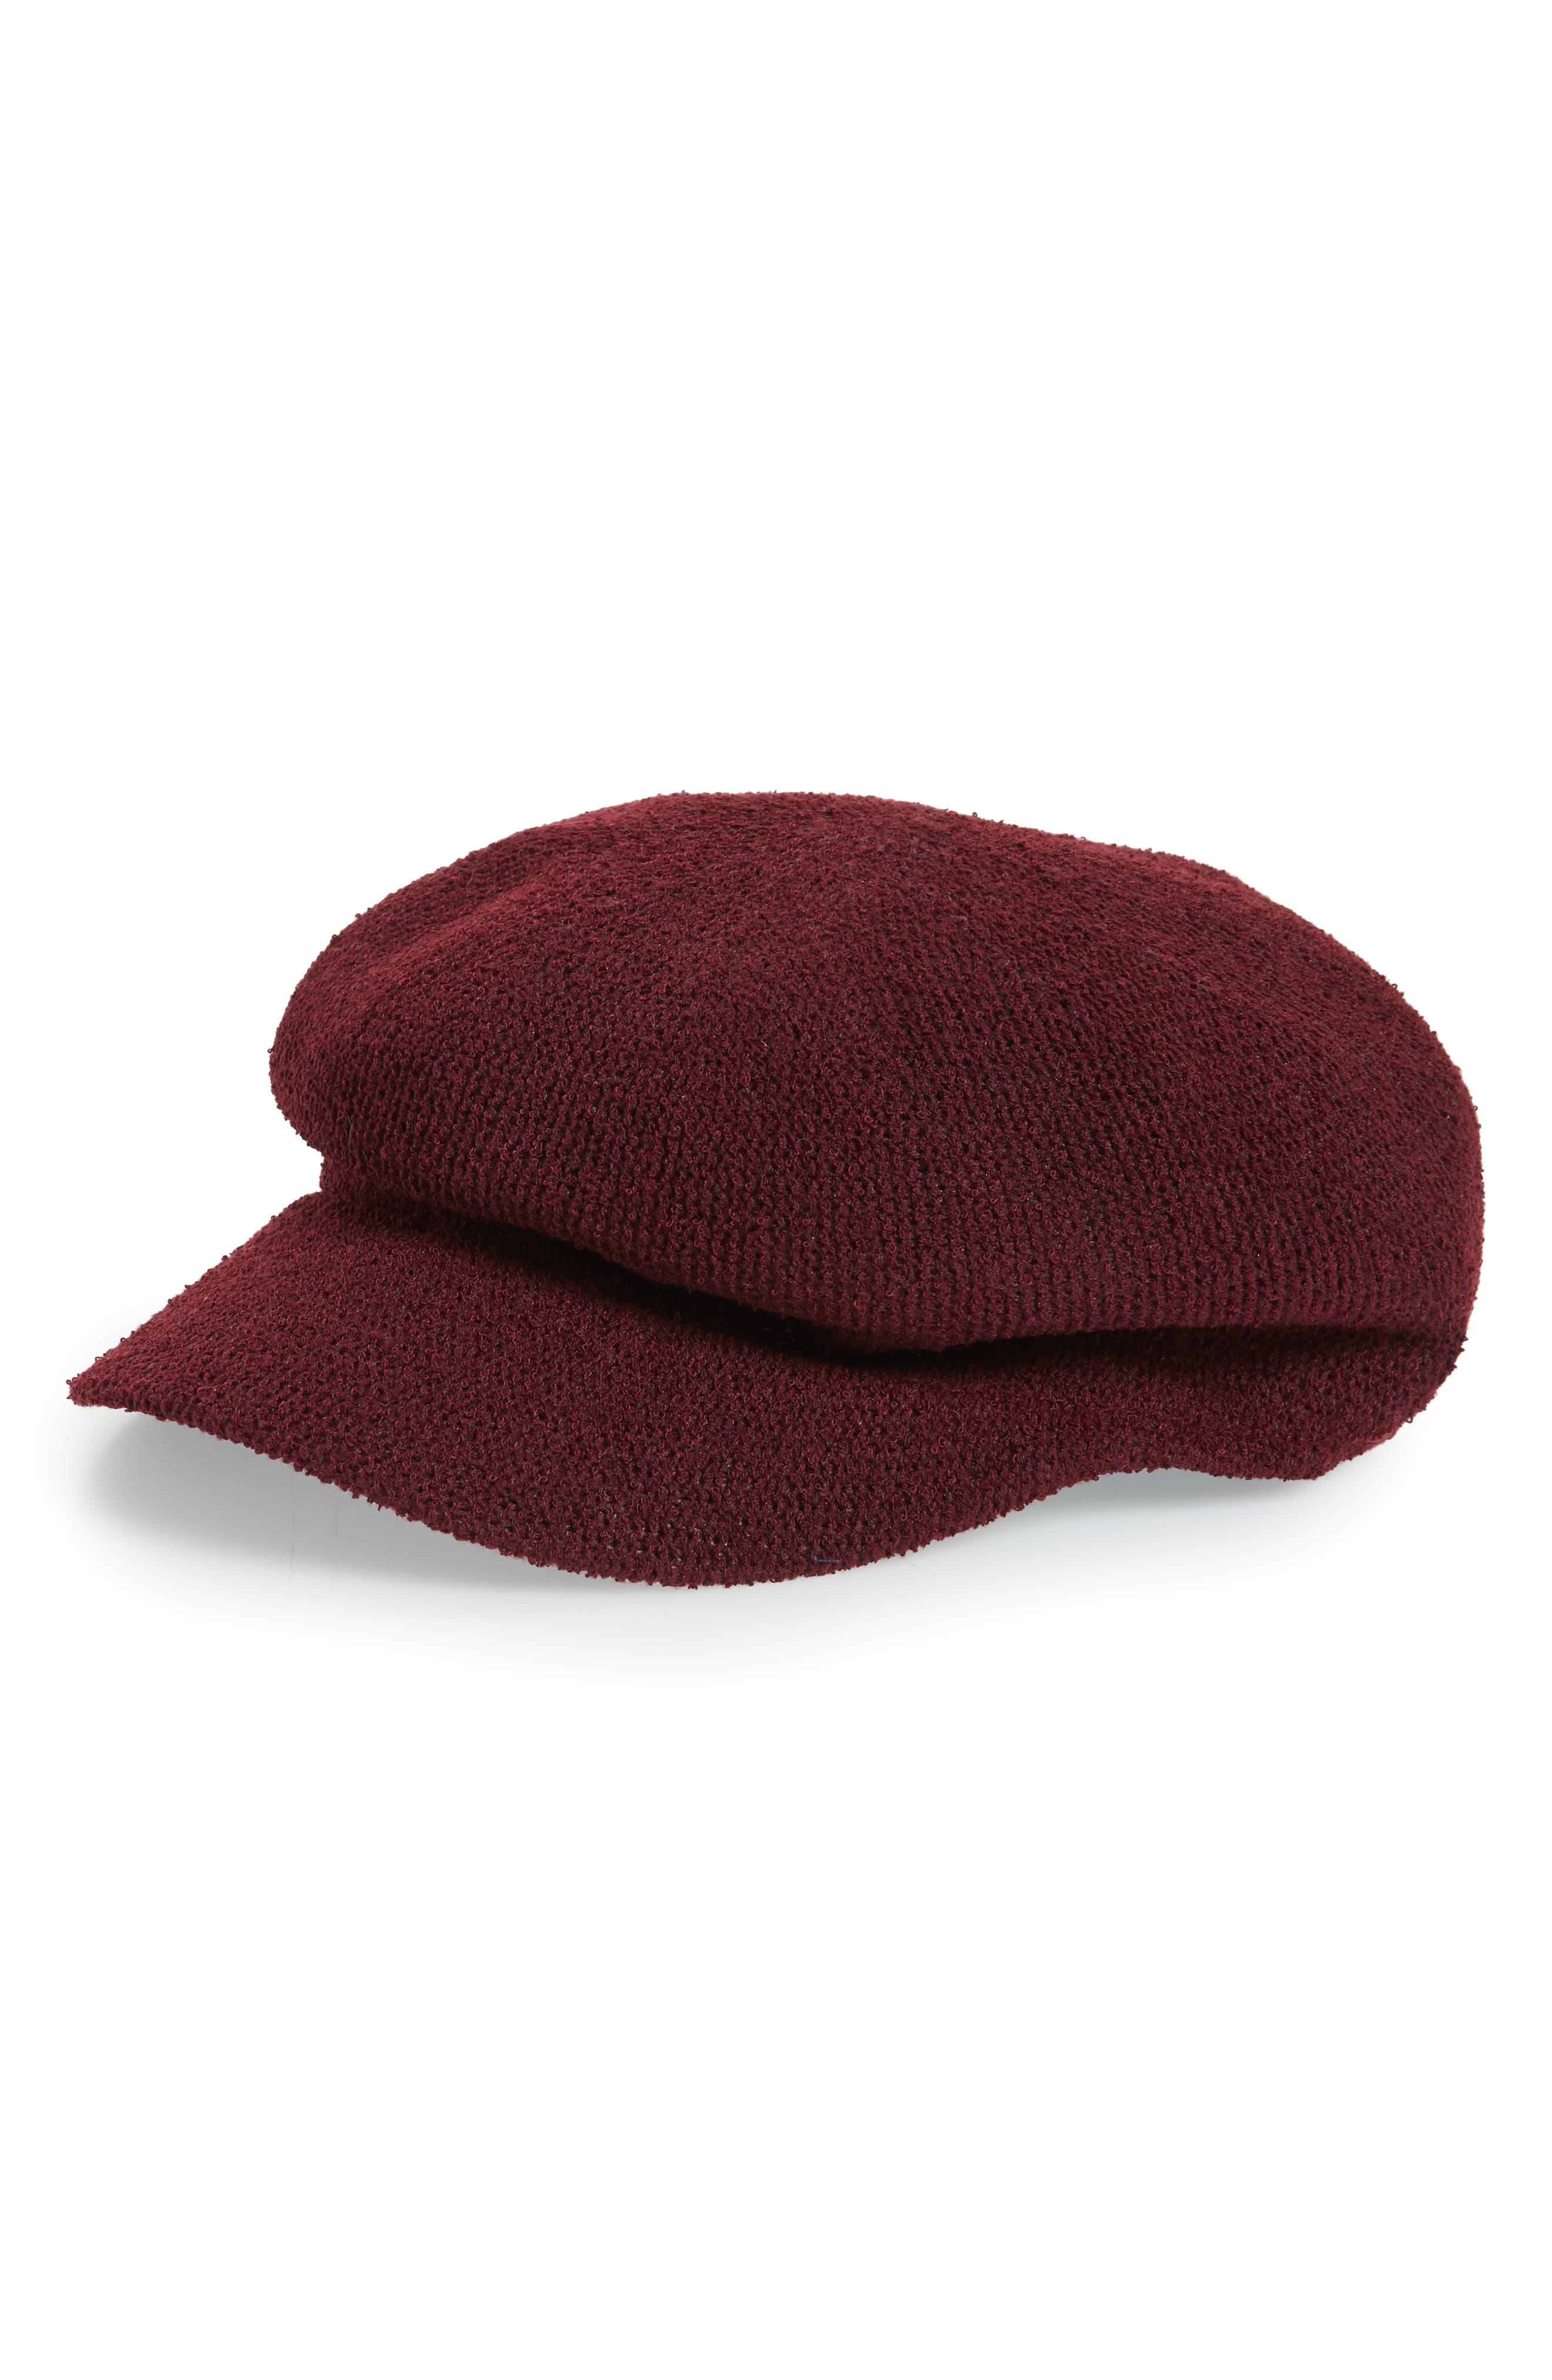 Kitsch Baker Boy Hat